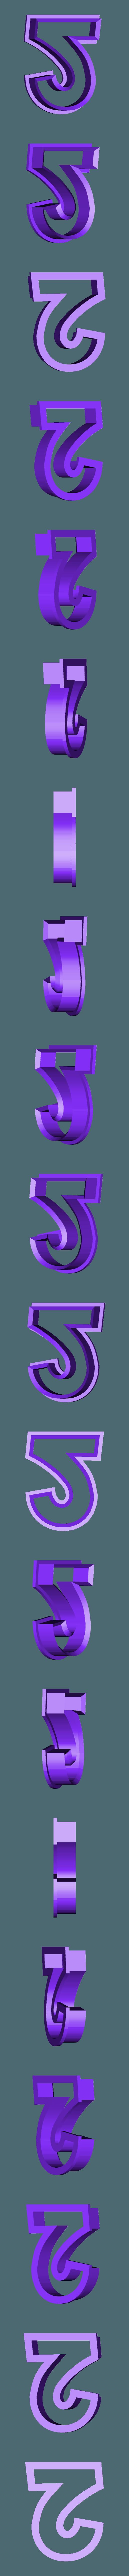 2-Two.stl Télécharger fichier STL gratuit Numéros de Play-Doh/Cookie Cutters • Plan imprimable en 3D, RT3DWorkshop